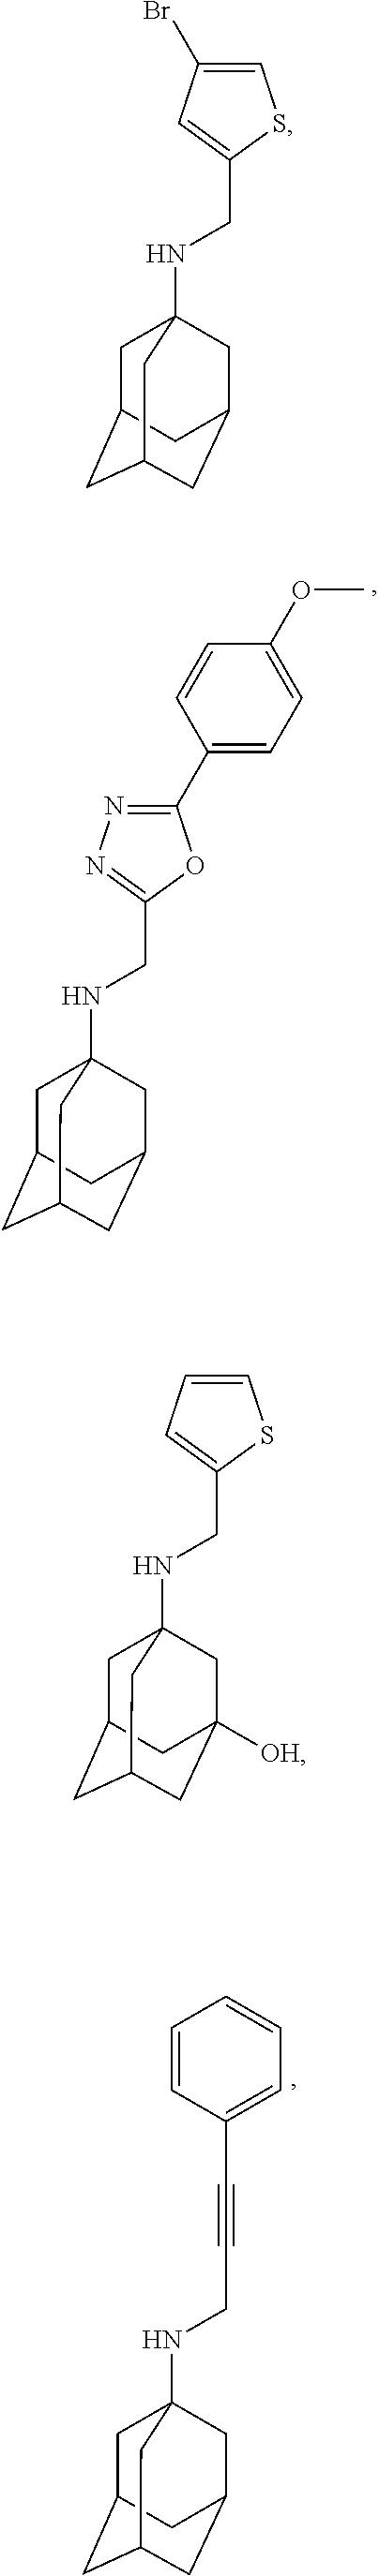 Figure US09884832-20180206-C00180